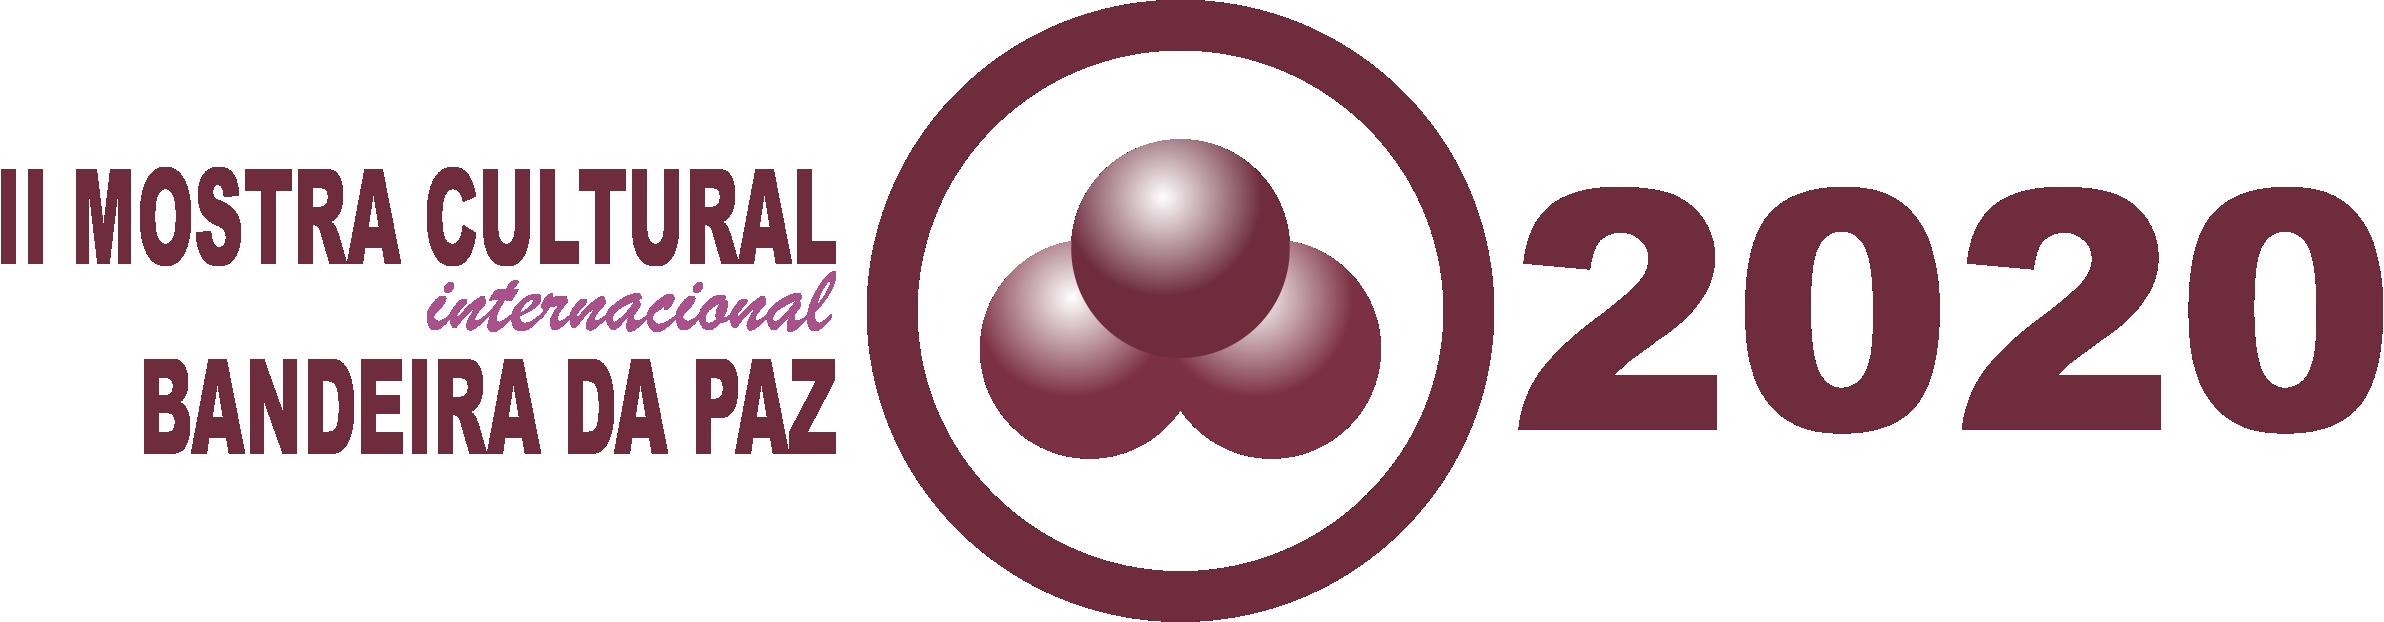 Logo Bnadeira da Paz 2020_2 Mostra